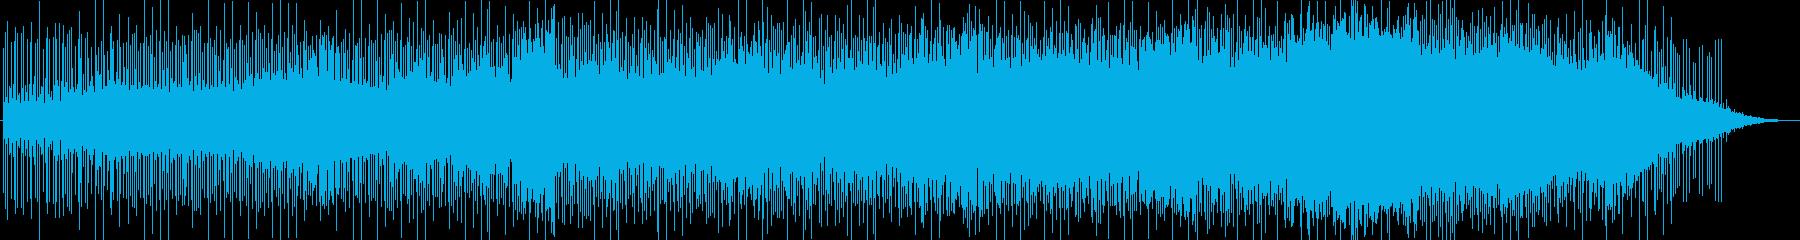 ユニークでベースが印象的なテクノの再生済みの波形